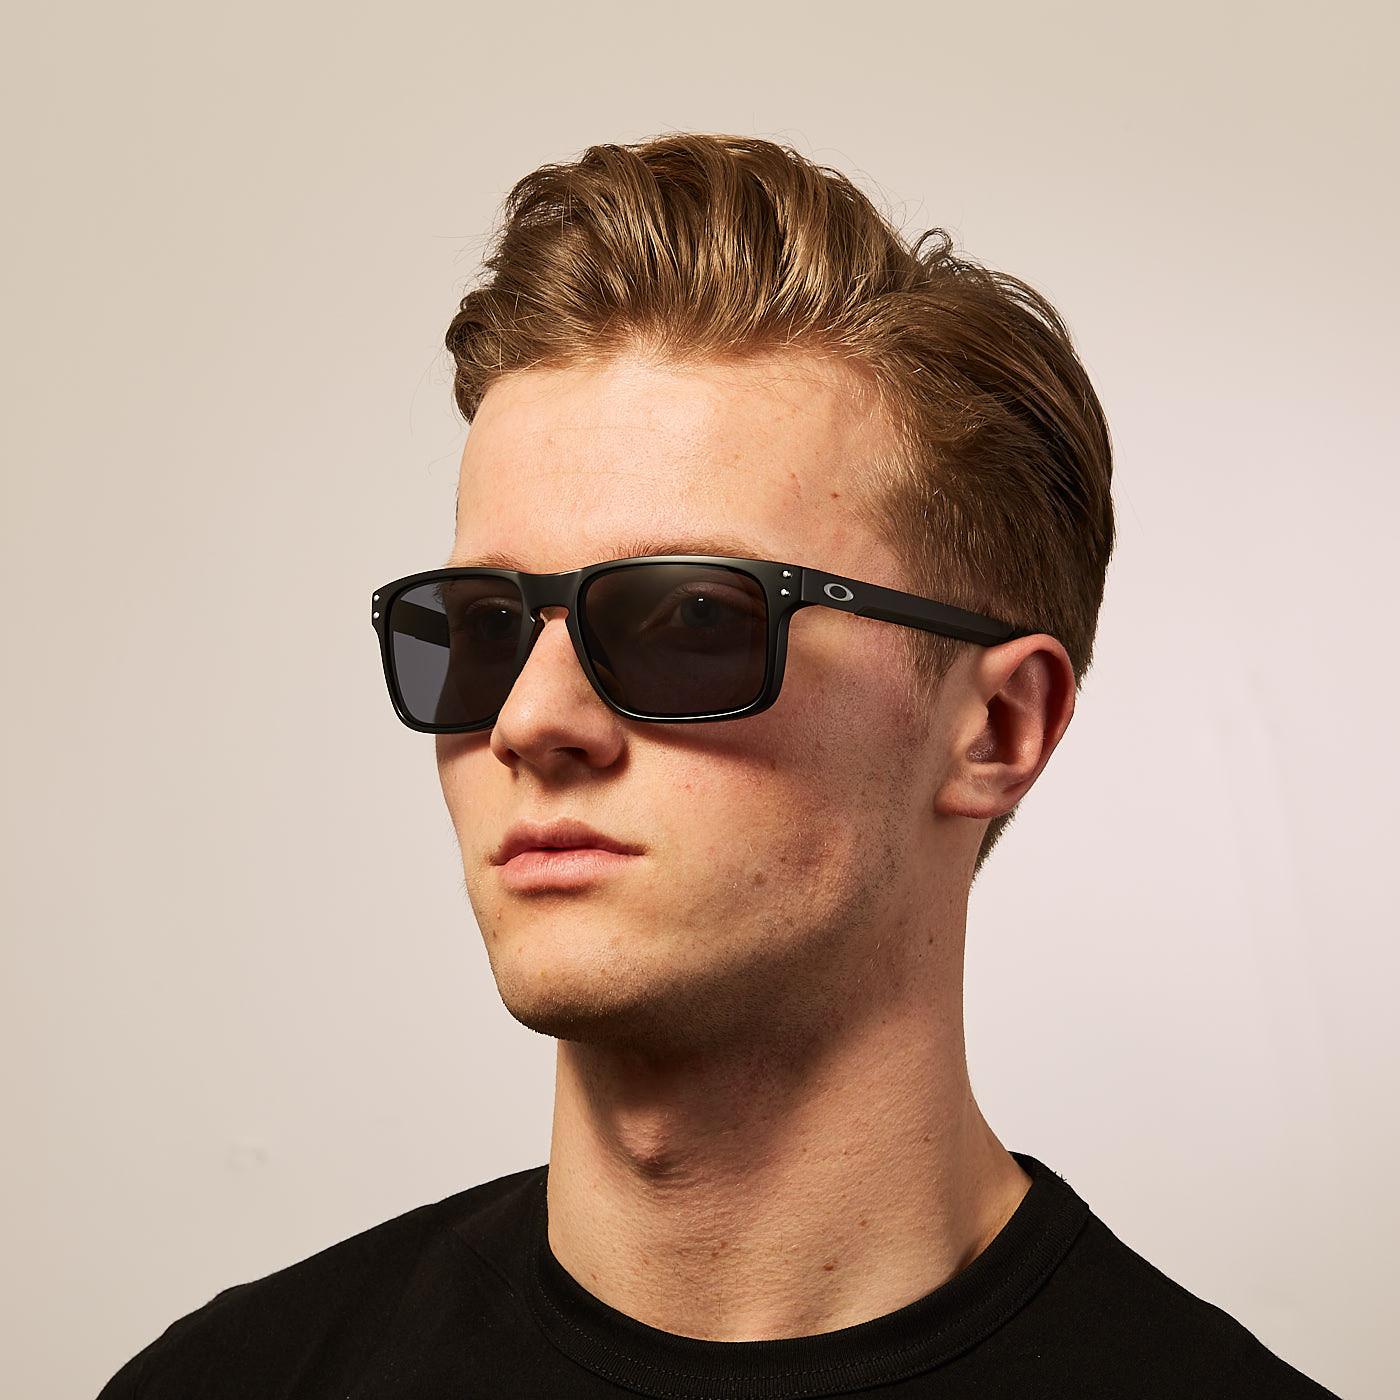 Oakley Holbrook sunglass 0OO938493840157 - Sunglasses